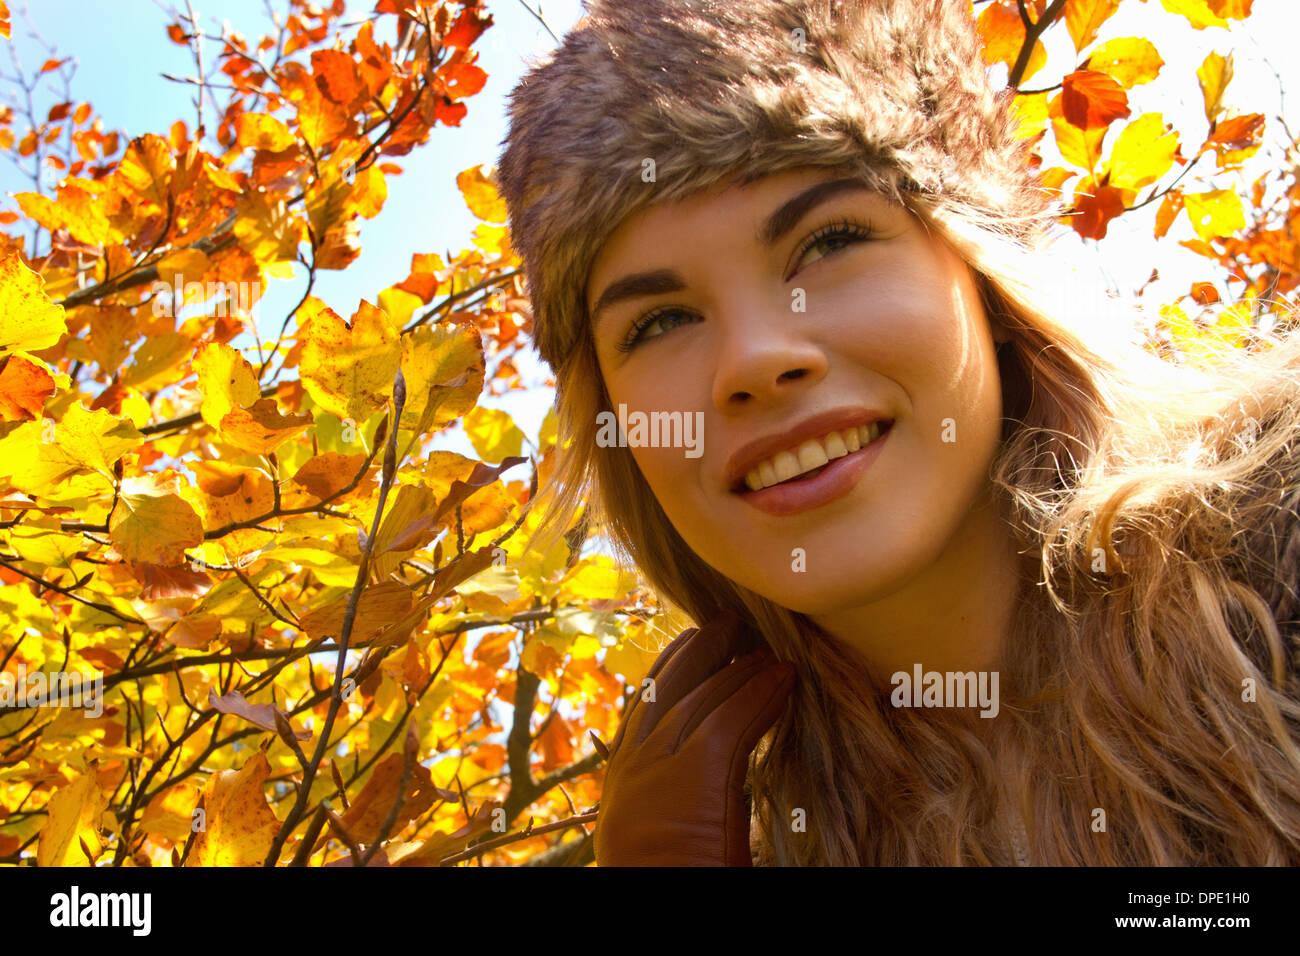 Jeune Femme au chapeau de fourrure dans le parc en automne Photo Stock